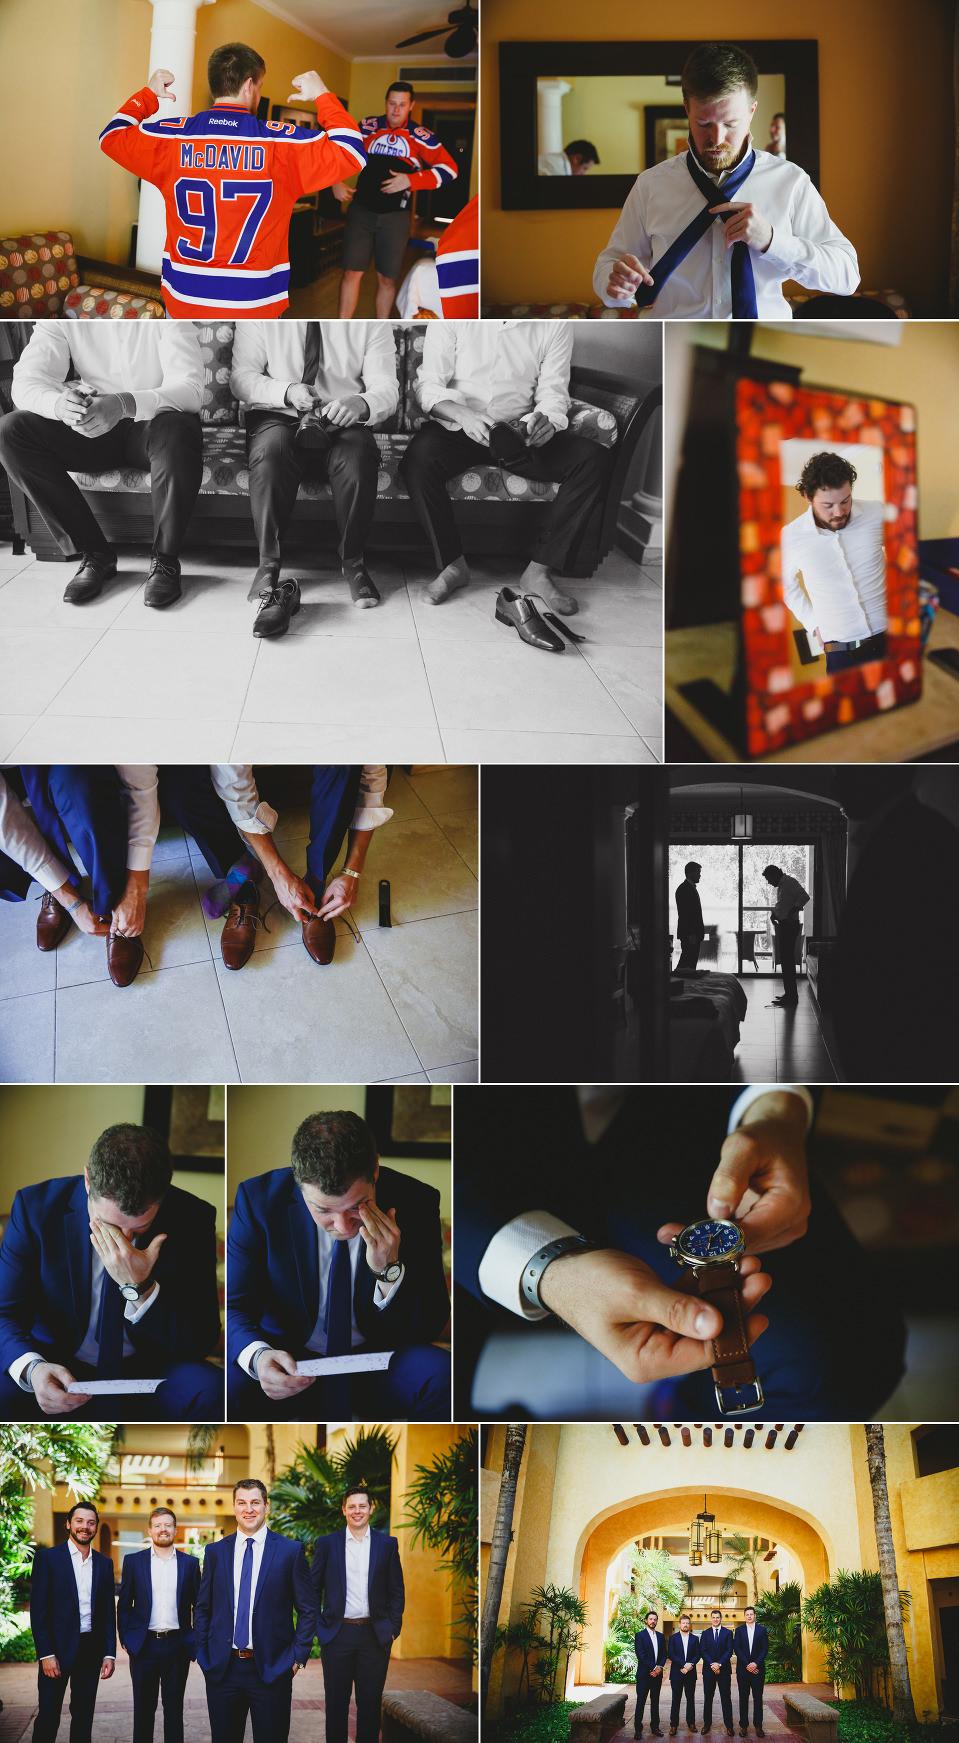 edmonton-wedding-photography-2